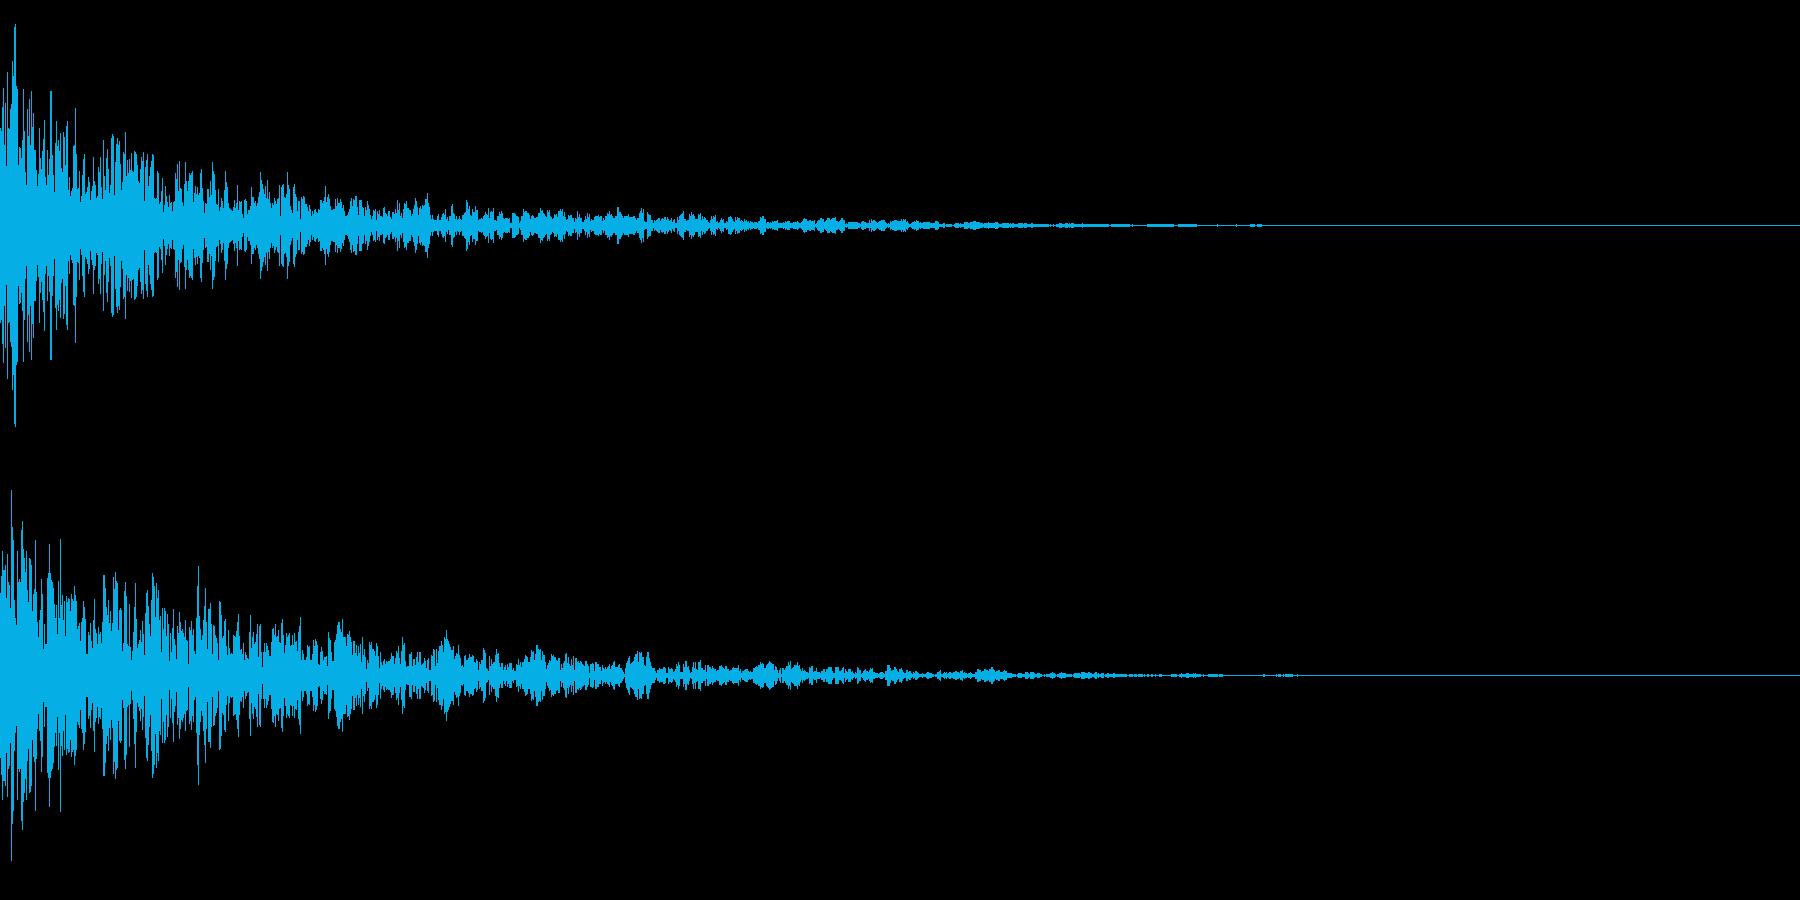 ドーン-38-2(インパクト音)の再生済みの波形